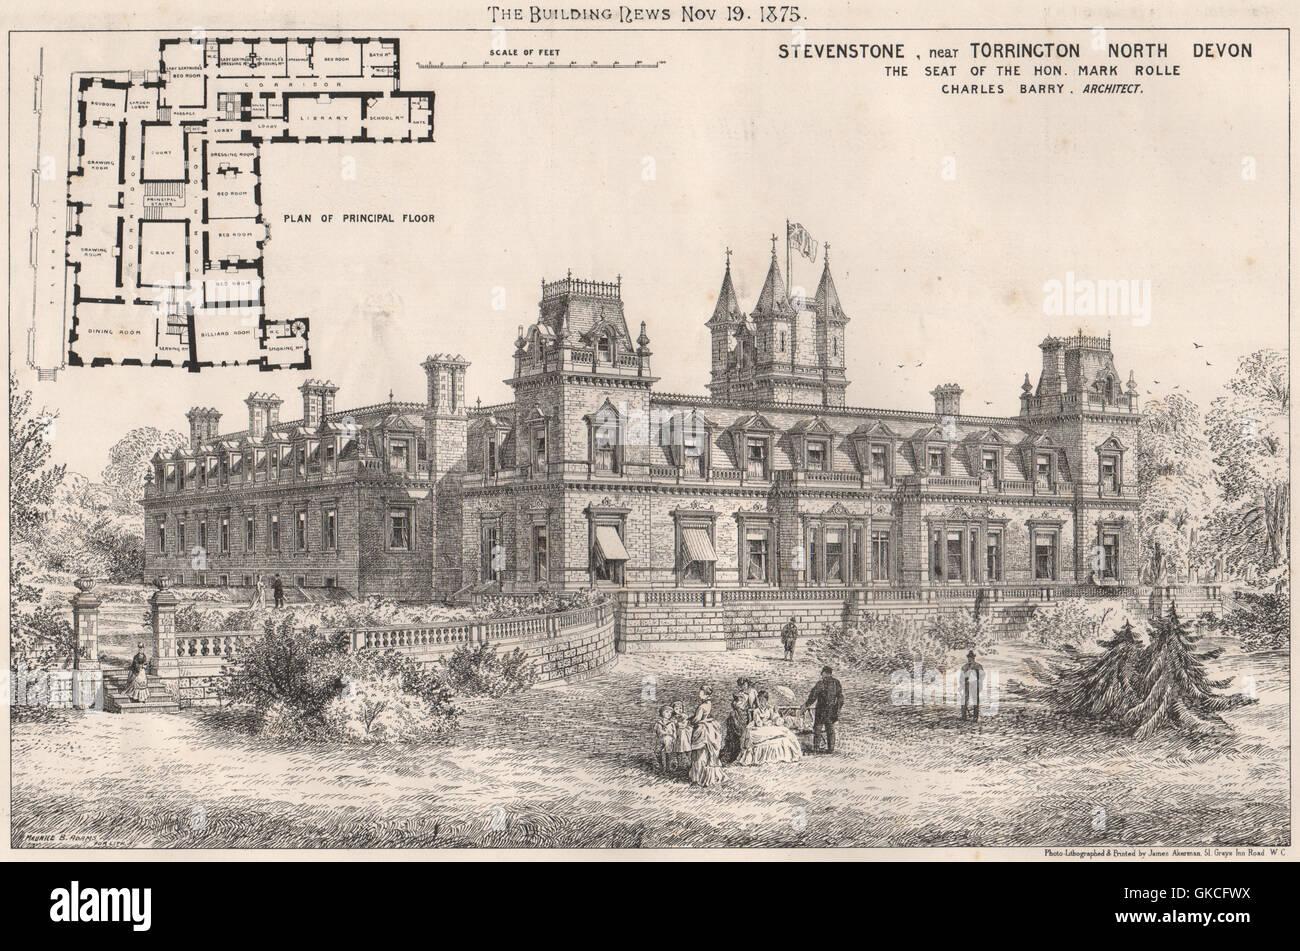 Stevenstone, near Torrington, Devon (Mark Rolle); Charles Barry, Architect, 1875 - Stock Image